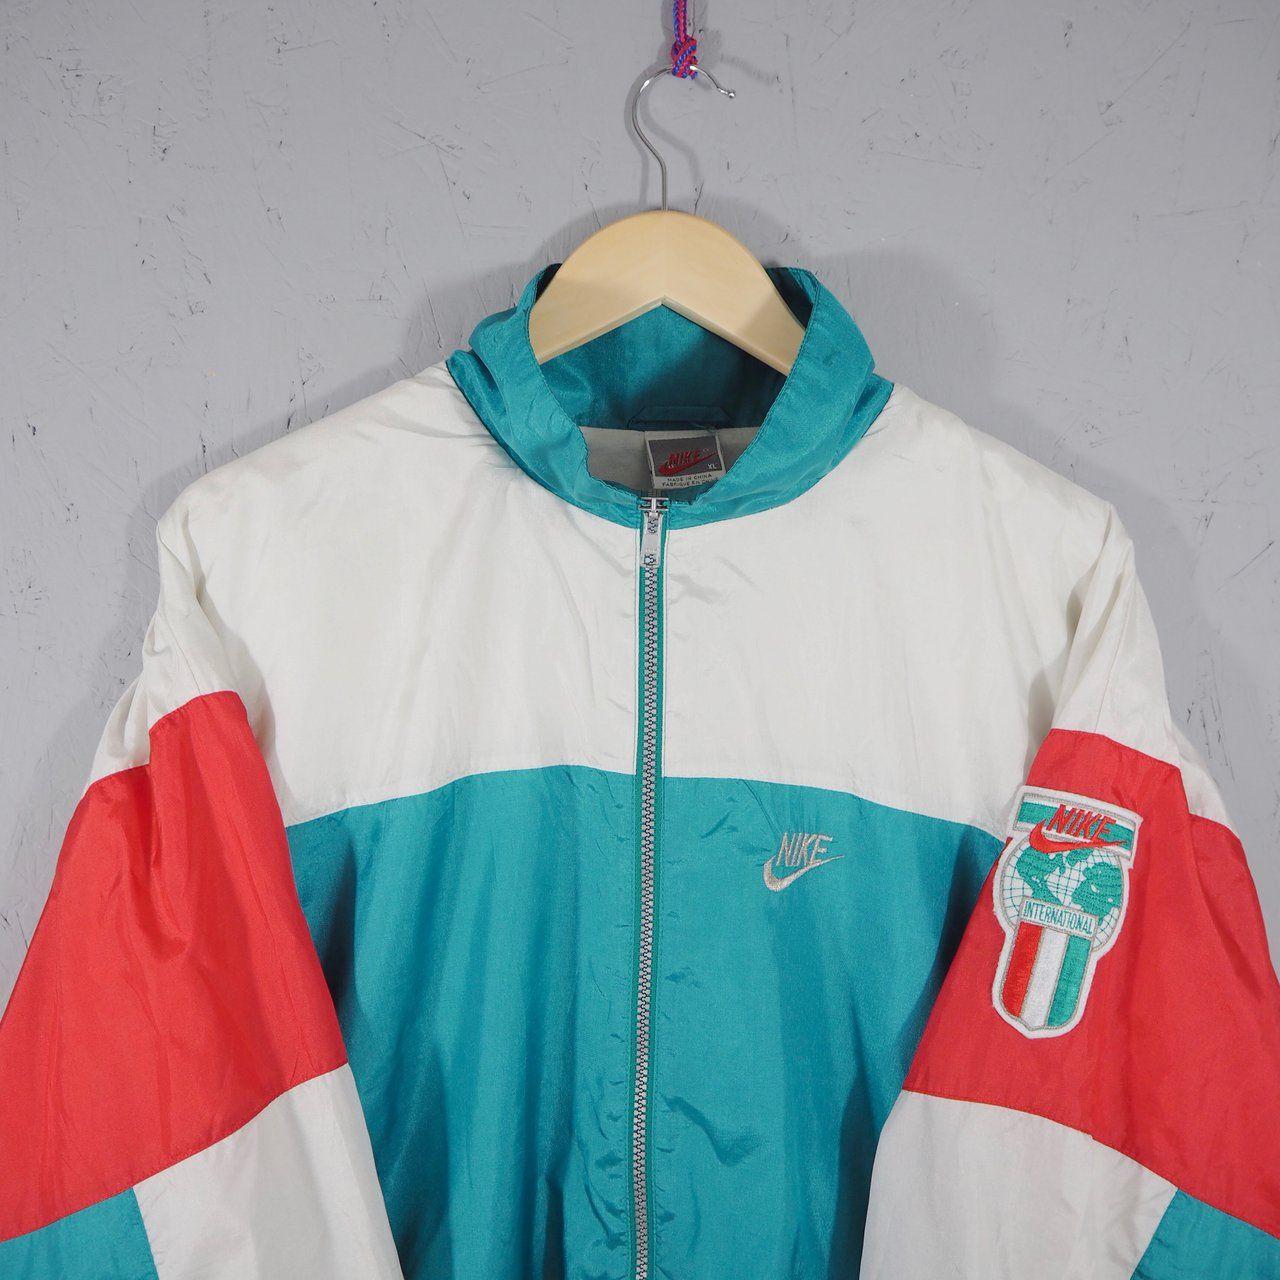 c5a0dfa60 Vintage Nike Tracksuit Jacket 🔥 OG Grey label (late 90s) a - Depop